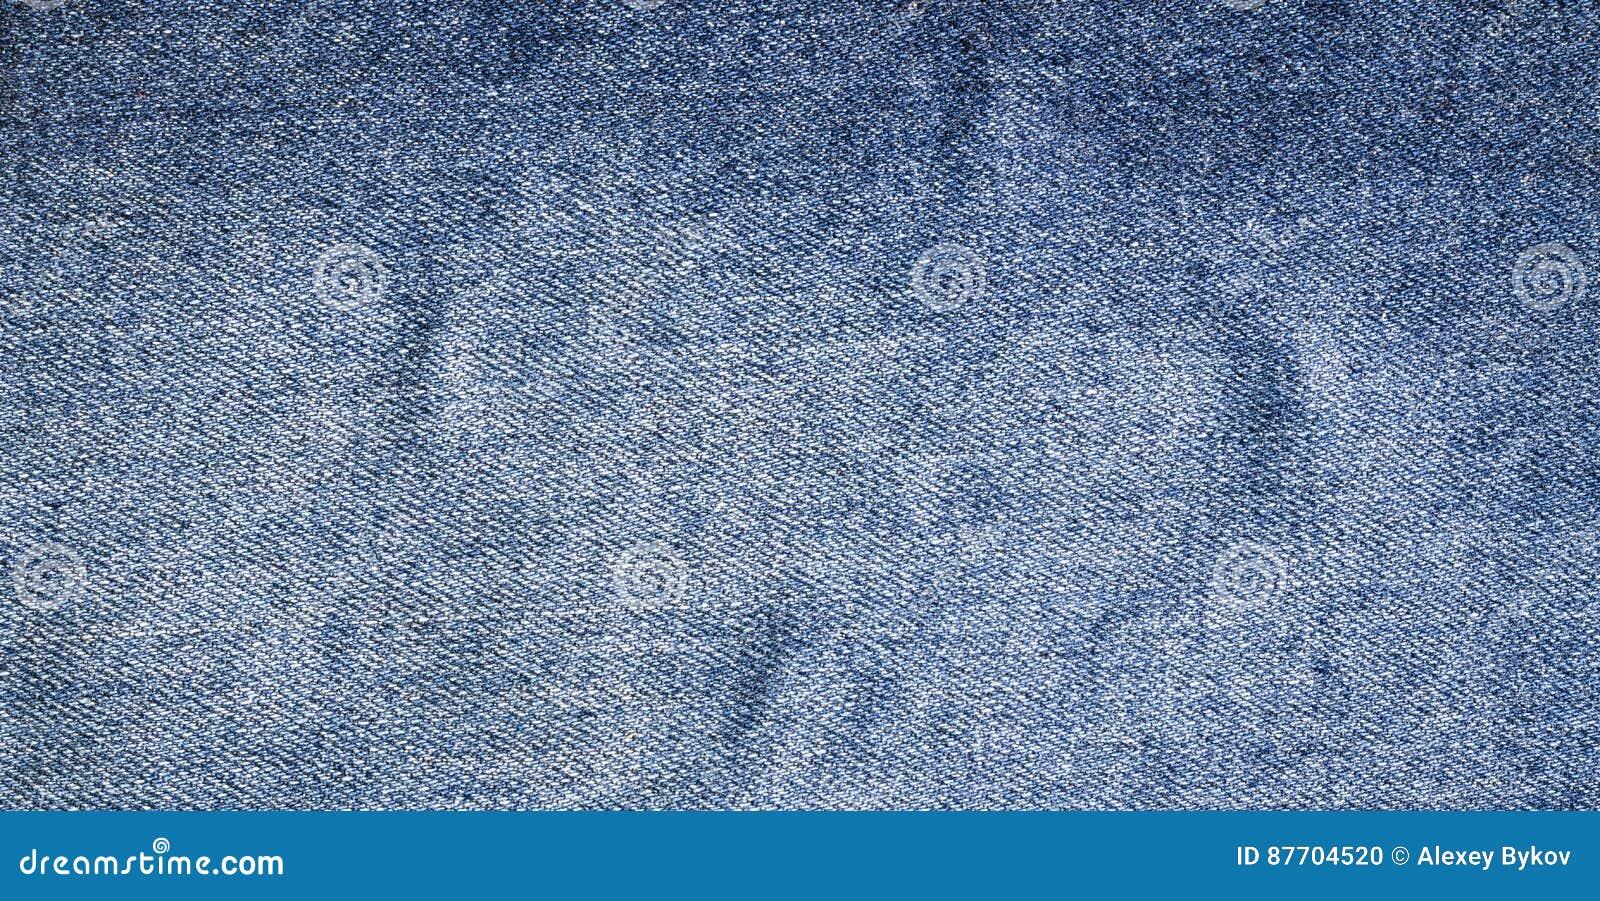 Les jeans donnent une consistance rugueuse, tissu